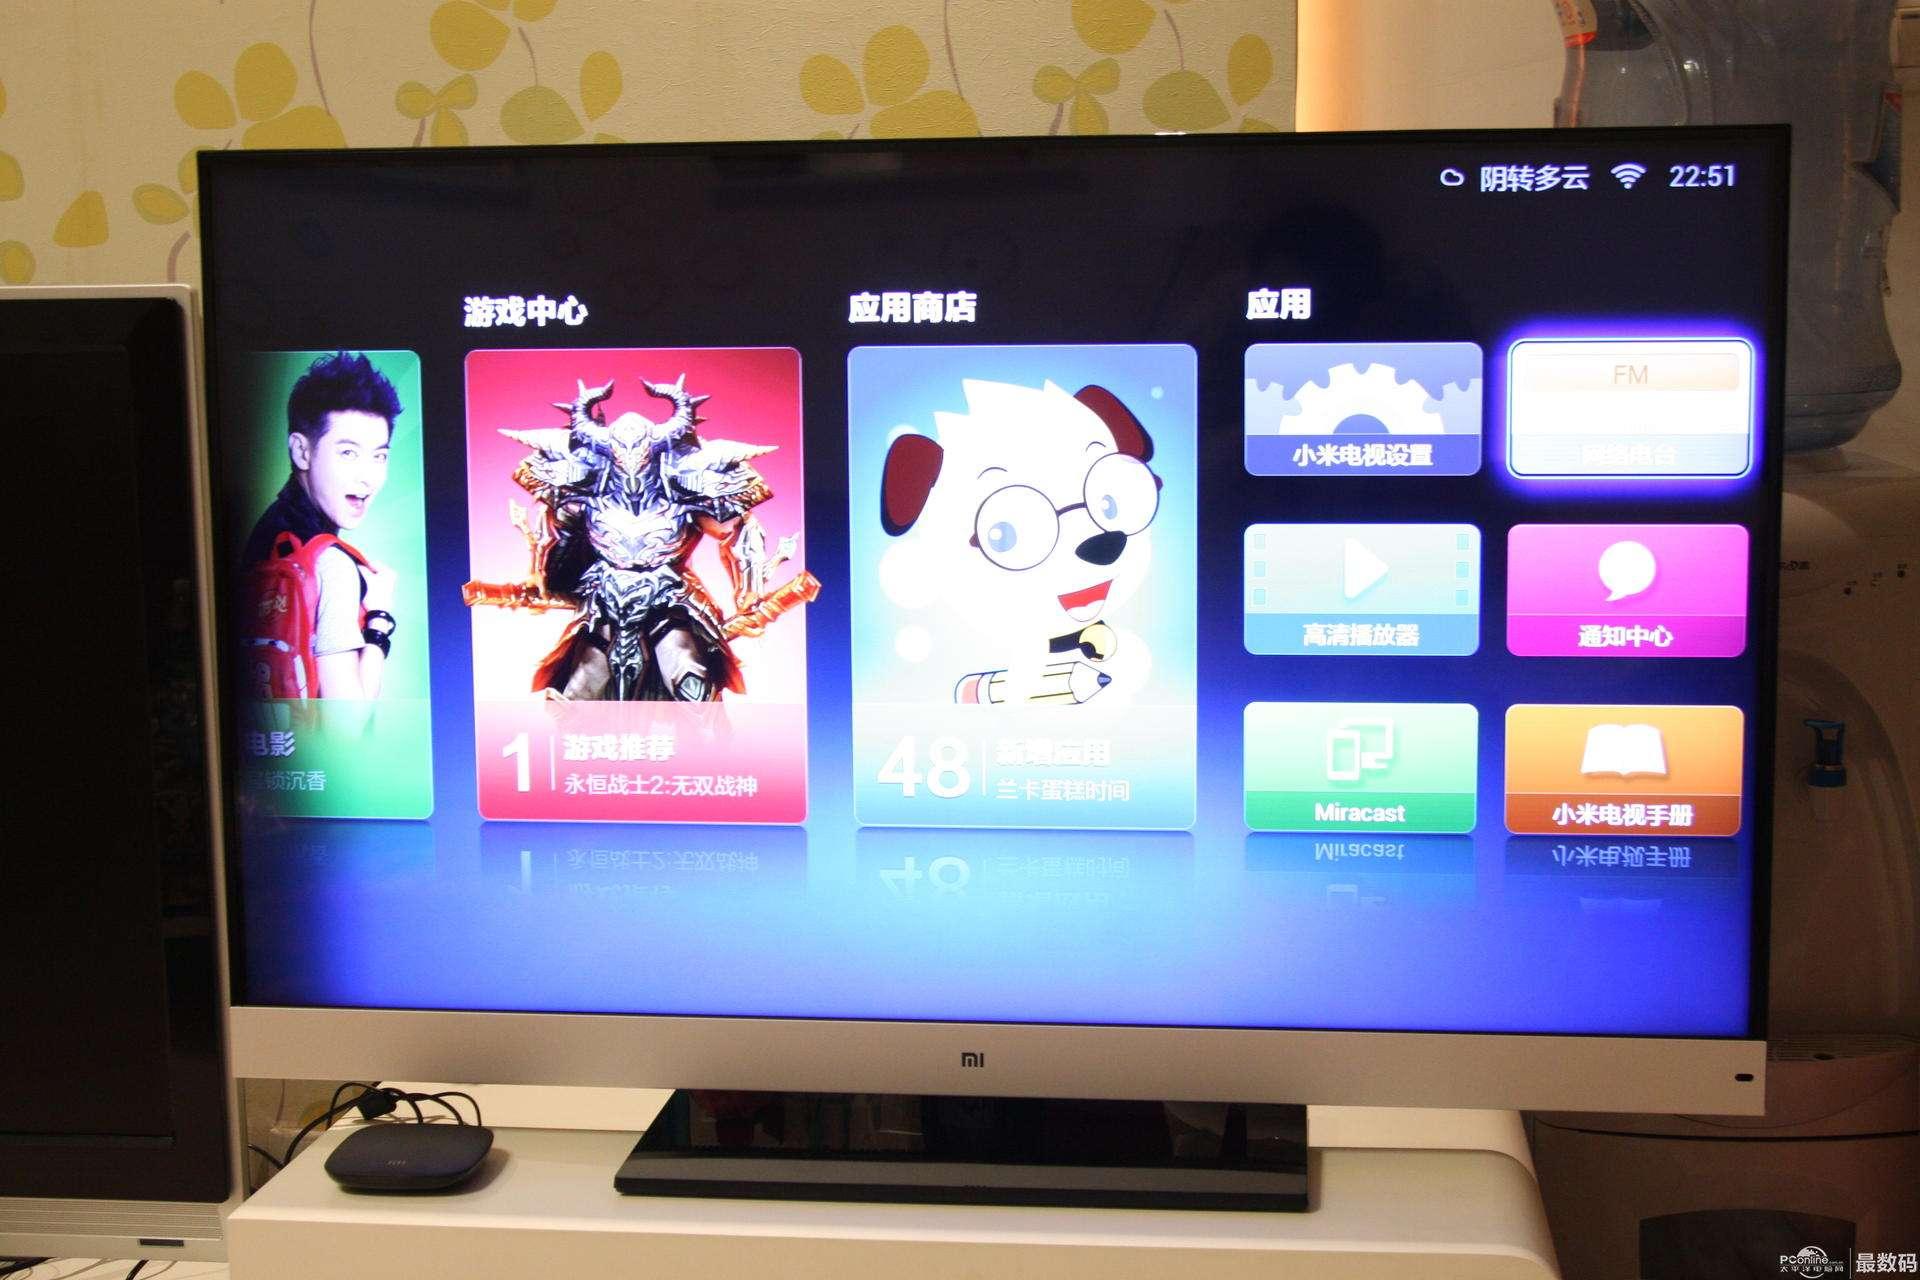 小米电视征战印度市场 低价策略能成功吗?